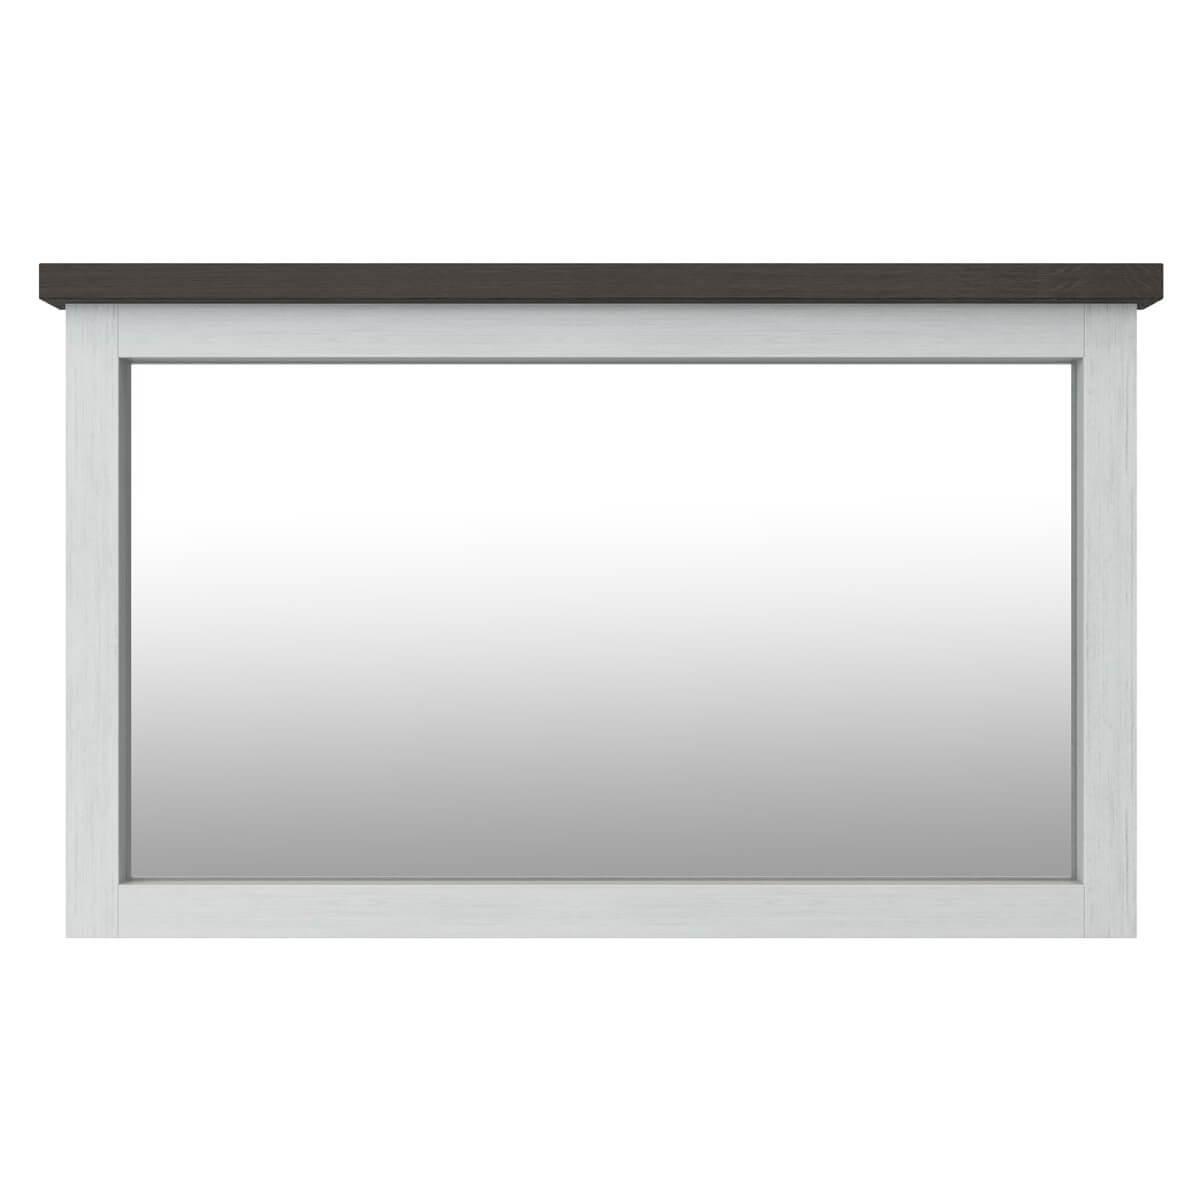 Spiegel Loft in Akazie massiv Weiß / Braun